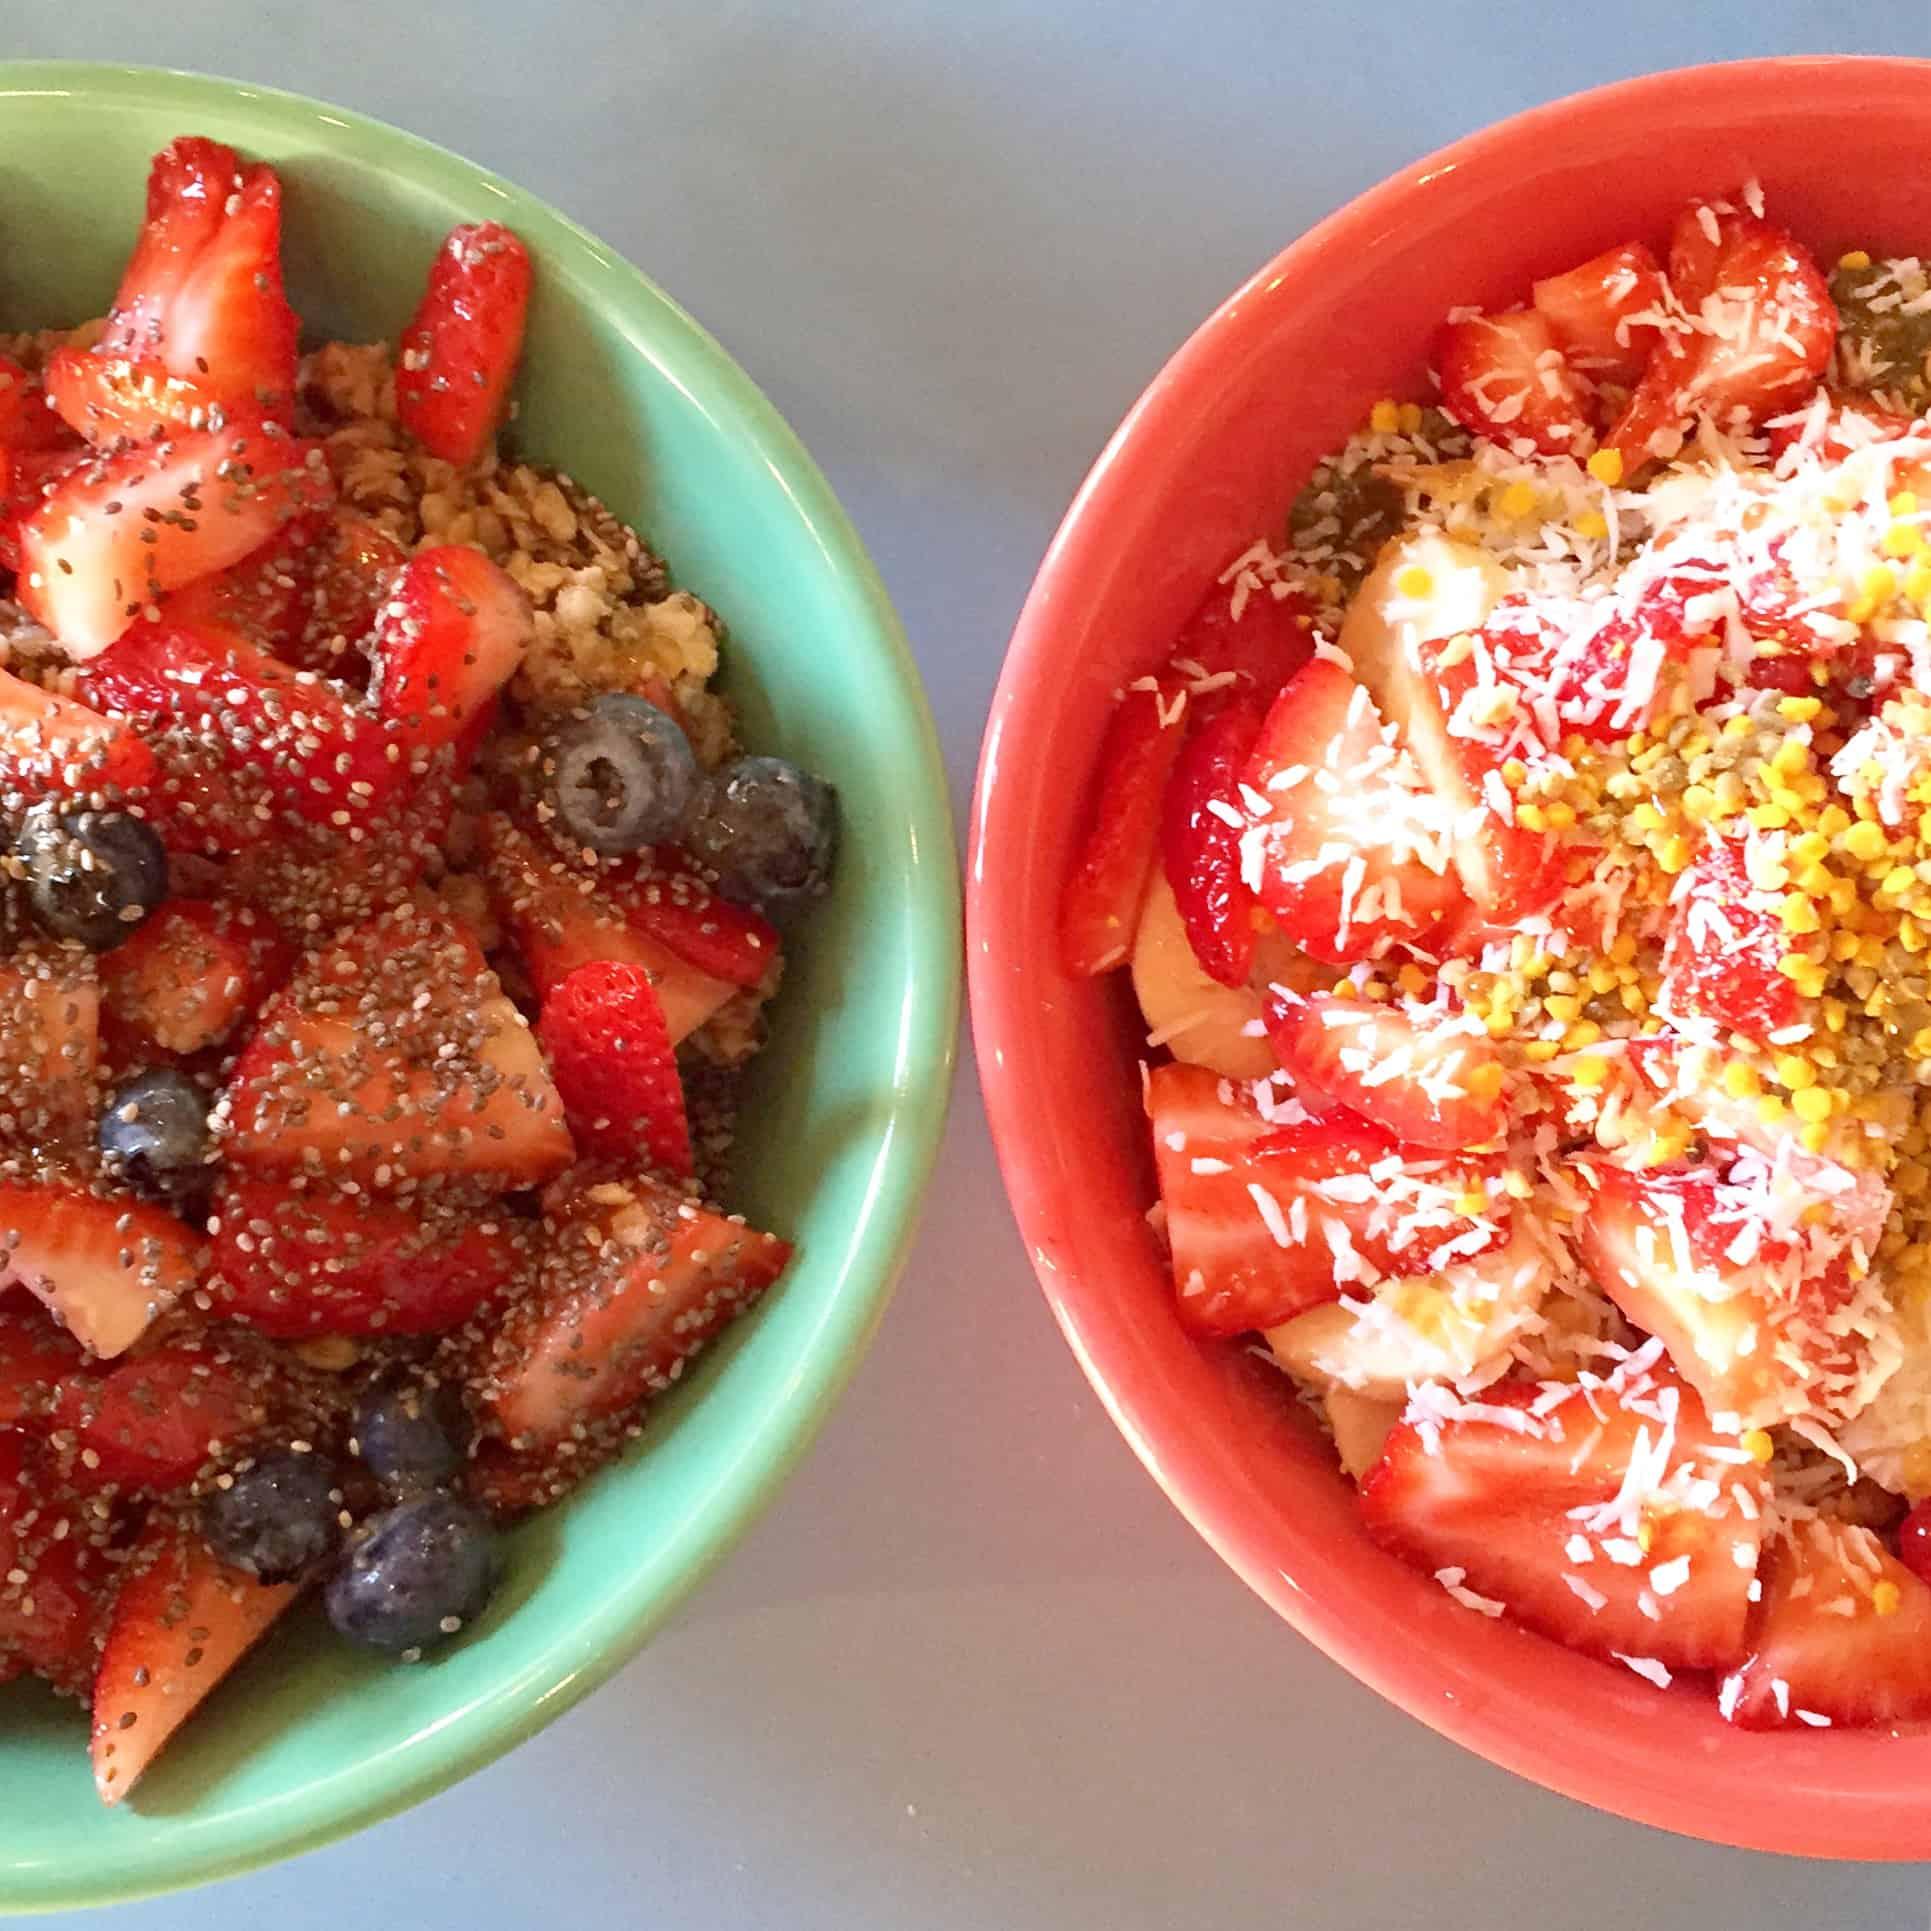 Female Foodie Los Angeles: Backyard Bowls